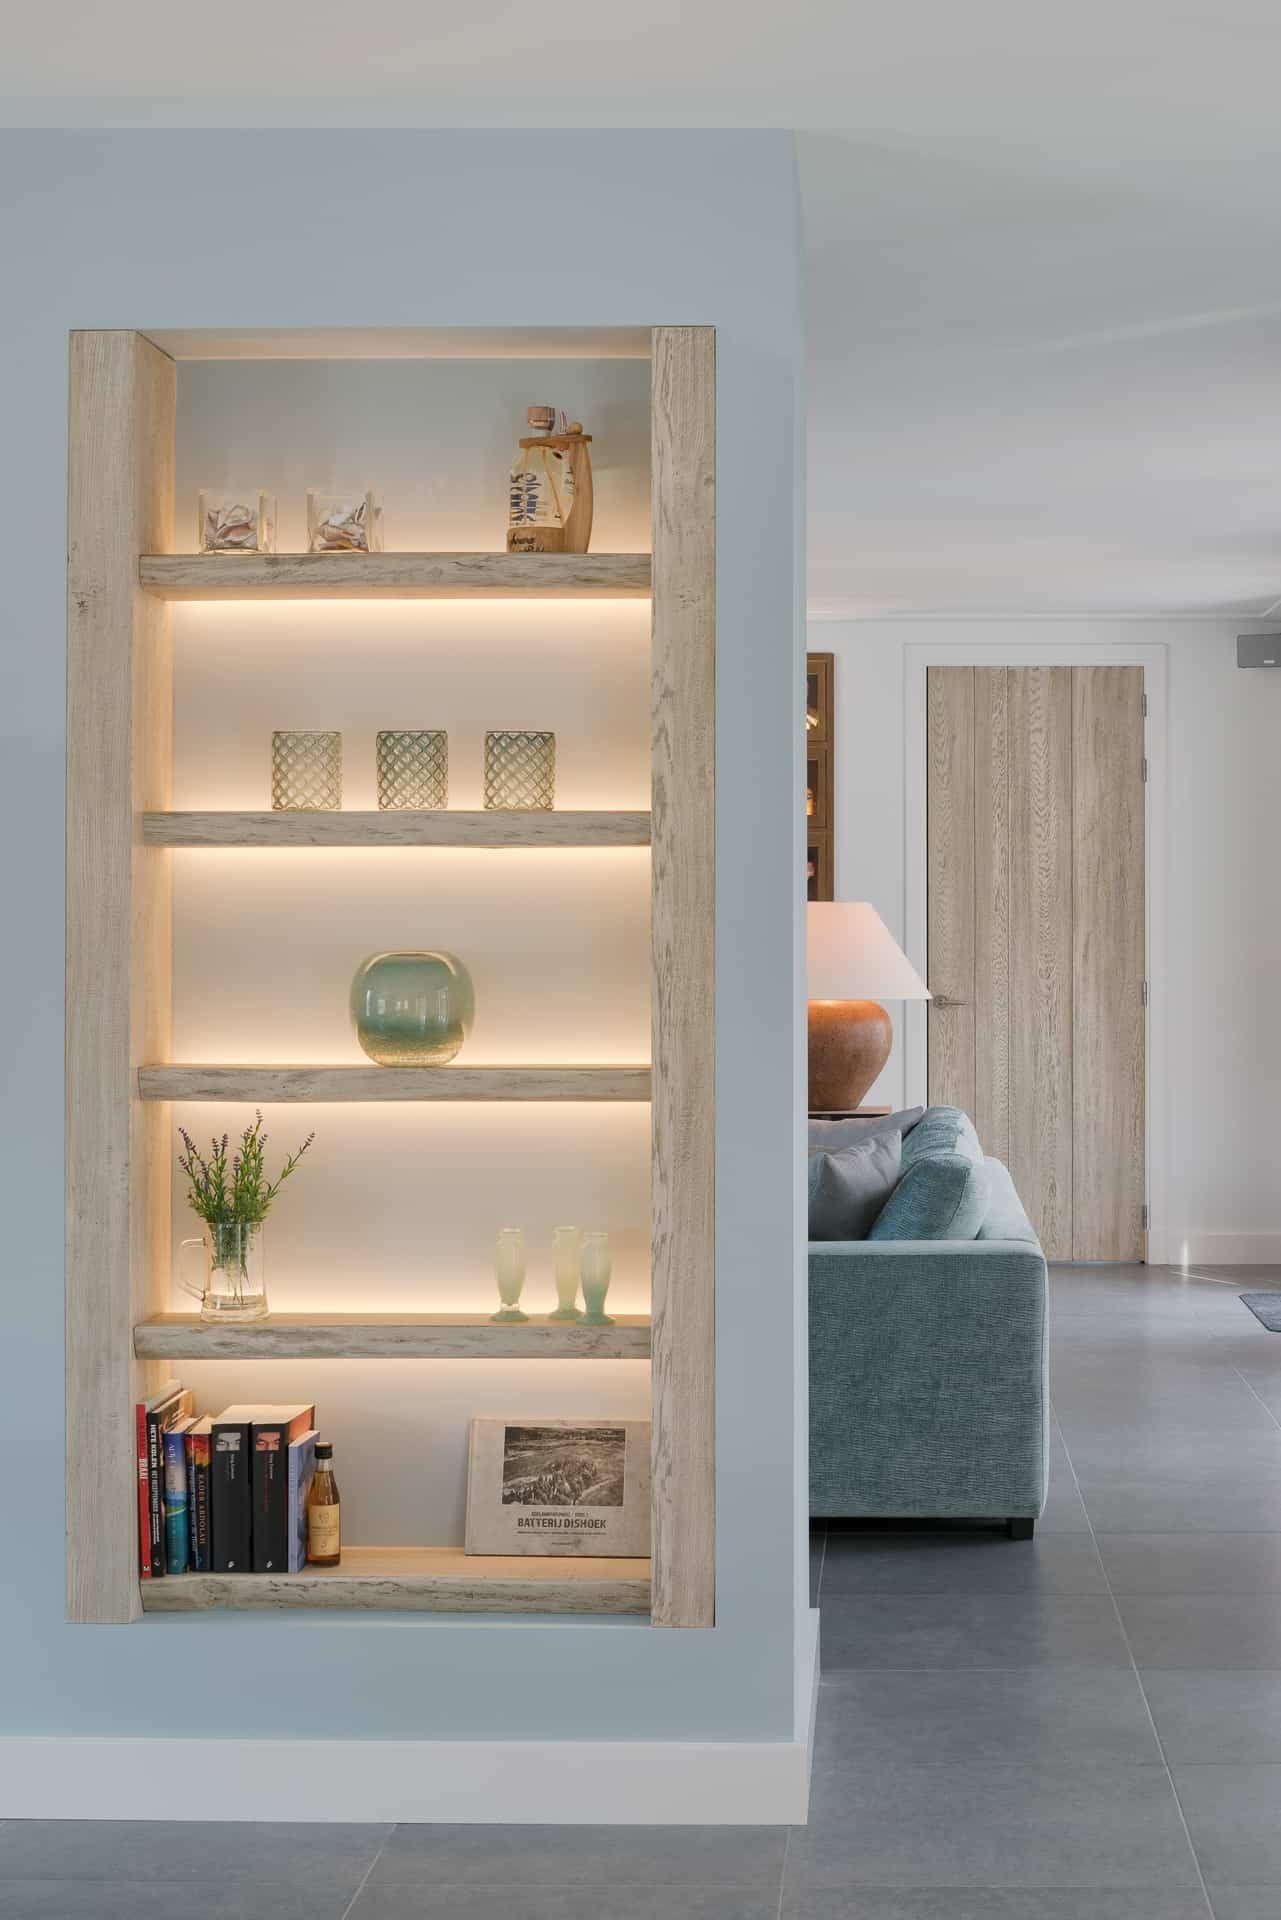 Sfeervol houten interieur met vergrijsd eiken - Tinello Keuken & Interieur